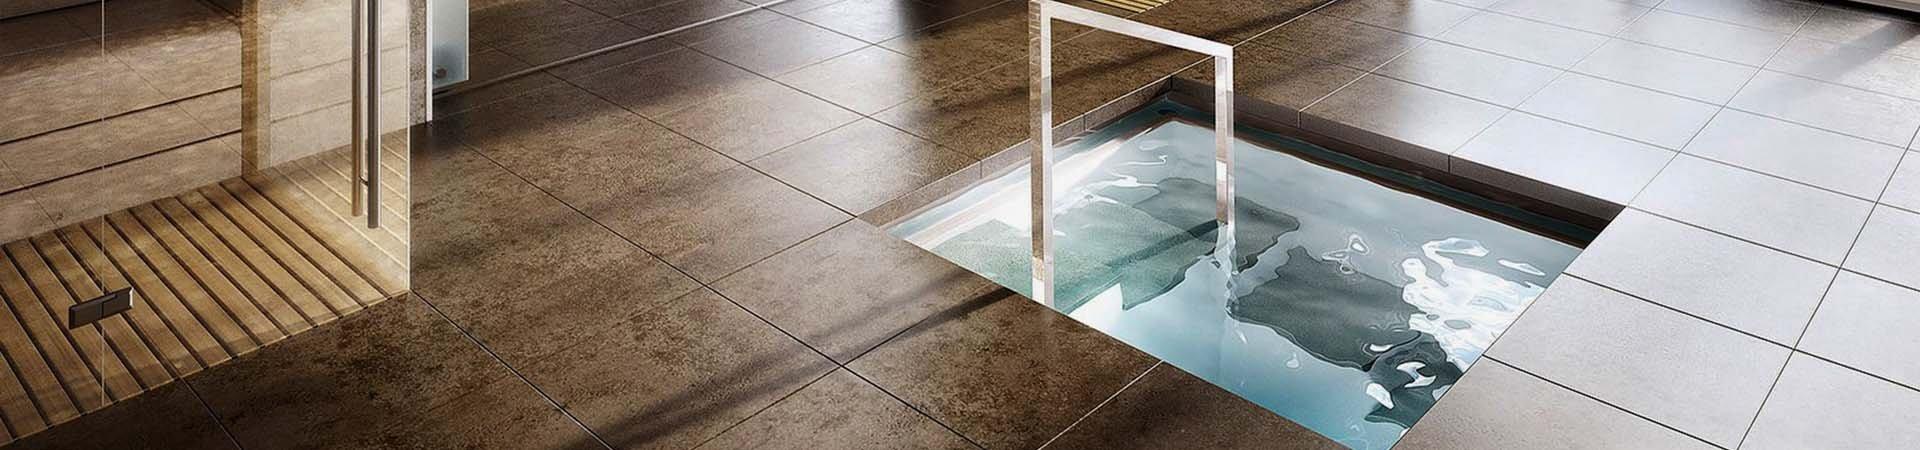 Hydrothérapie Thermique